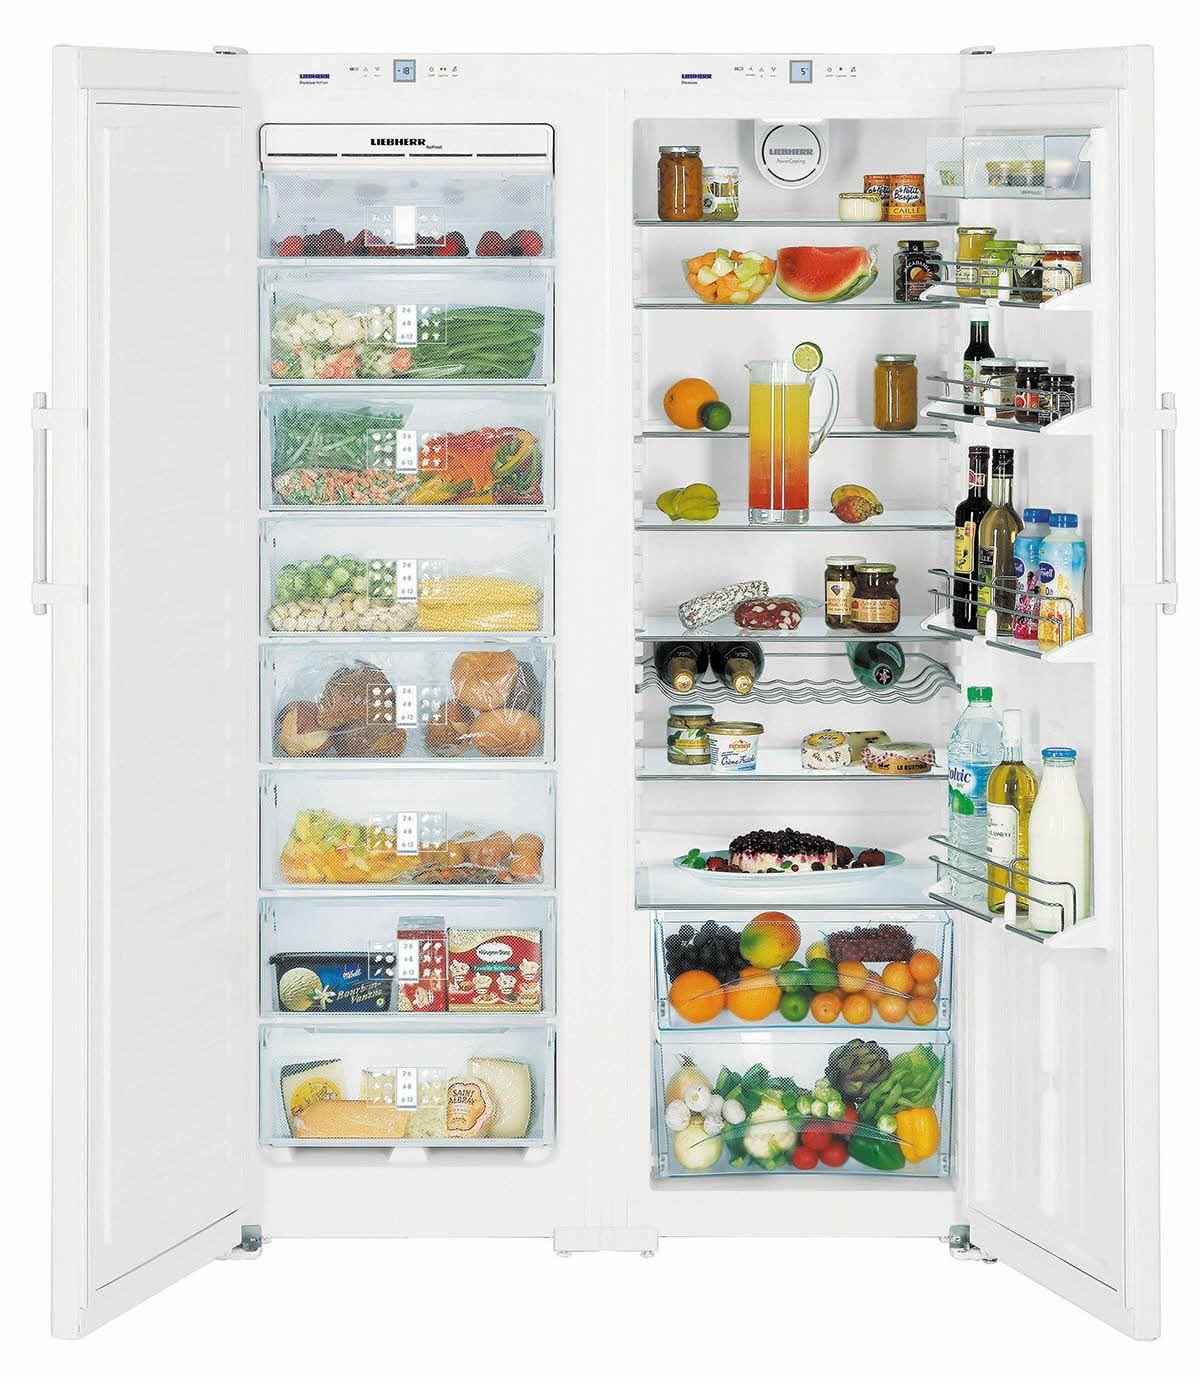 Холодильник LIEBHERR SBS 7252-24 001 от Ravta